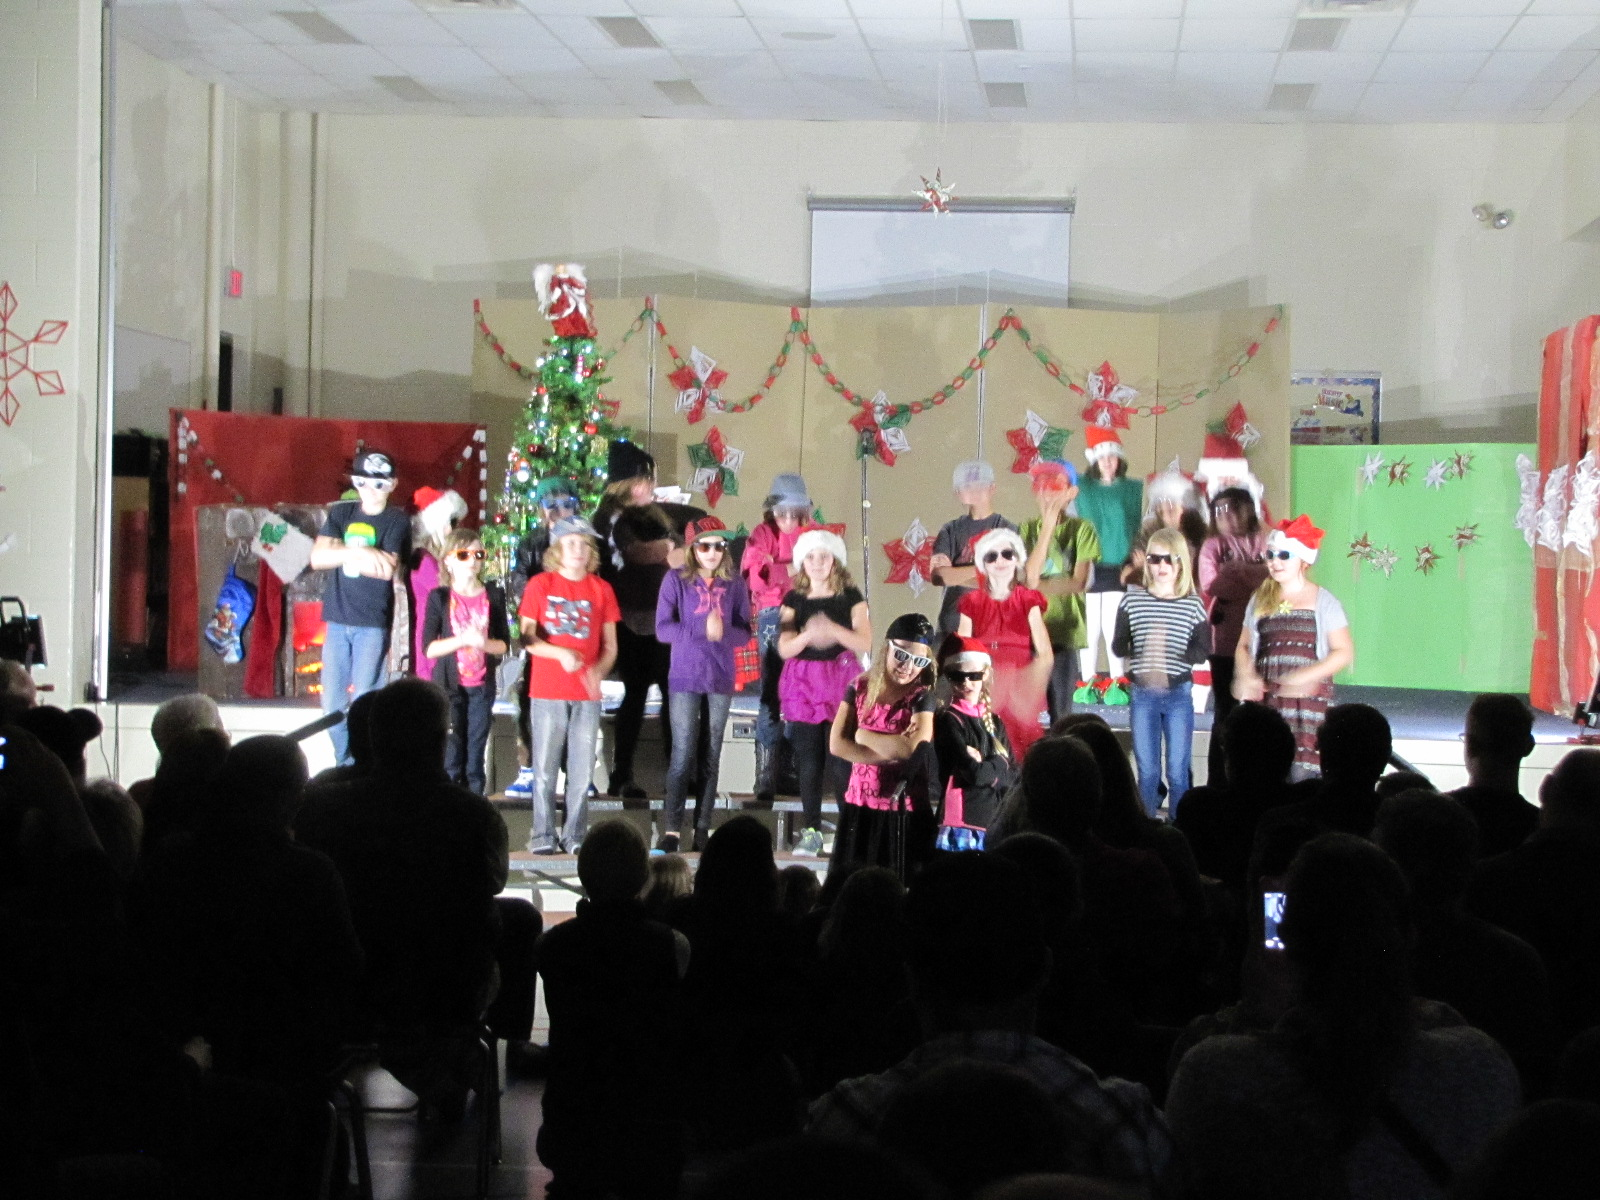 2014-12-17 TV School Christmas Concert 019